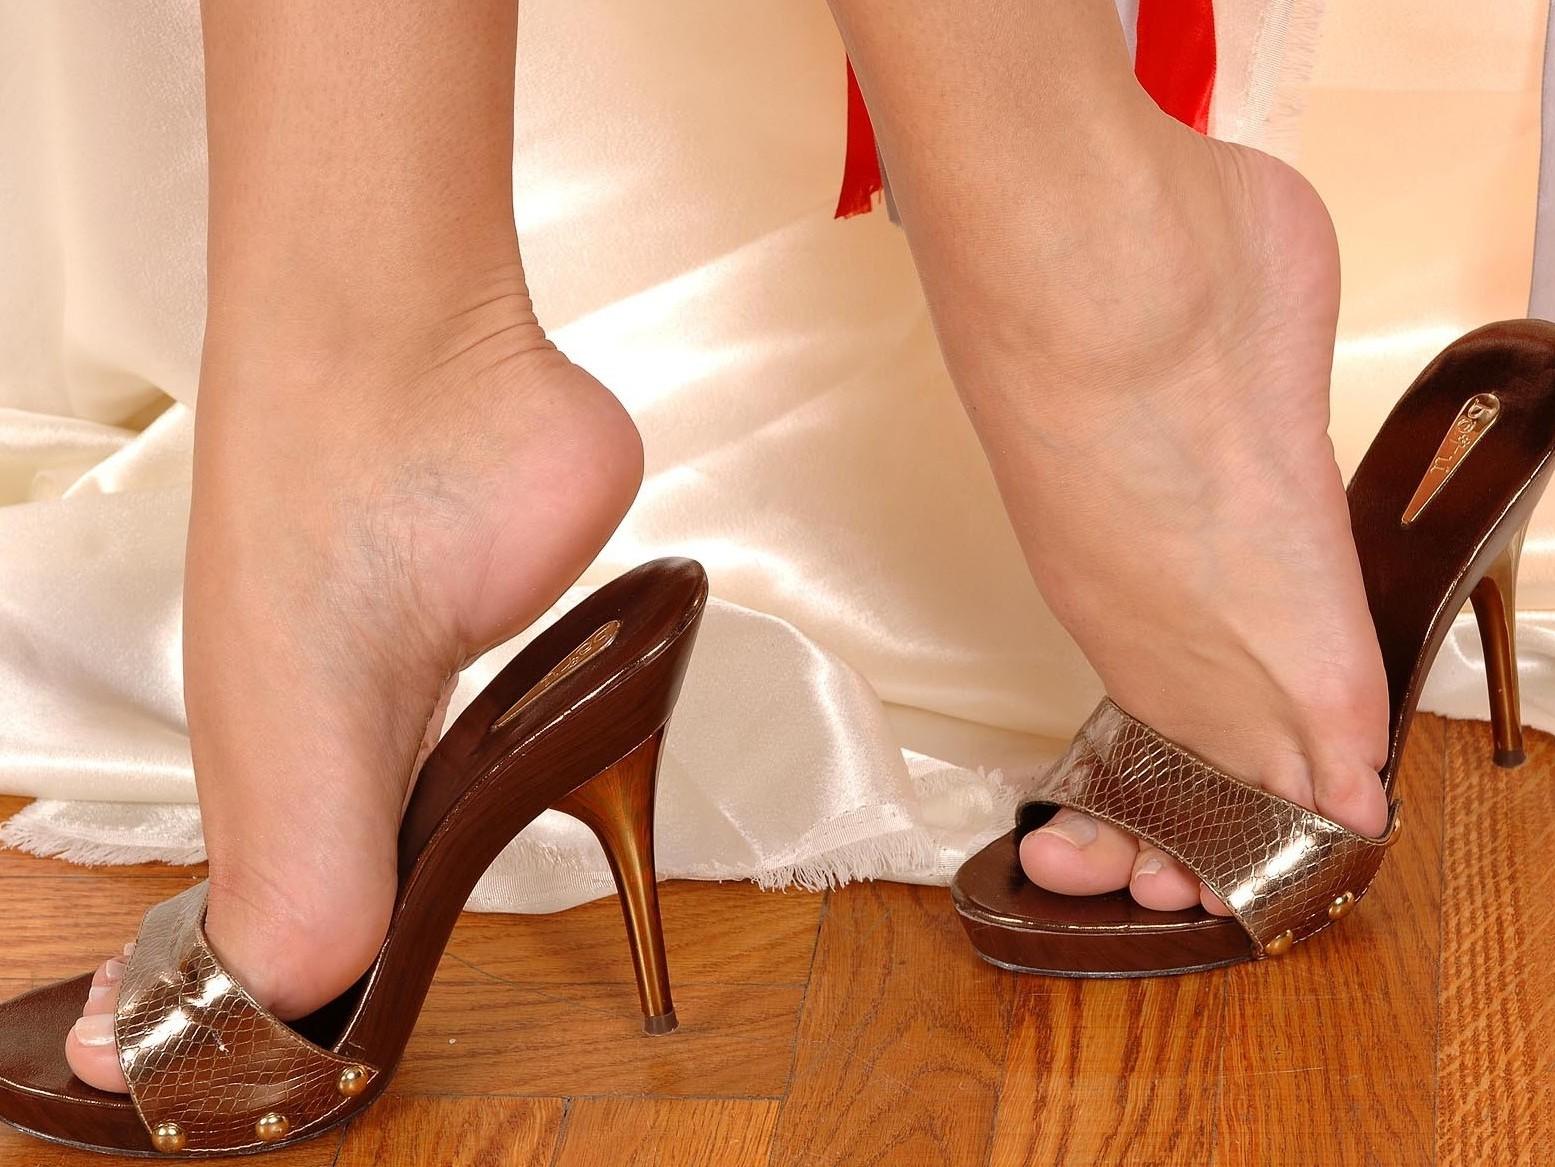 Mya Diamond Feet